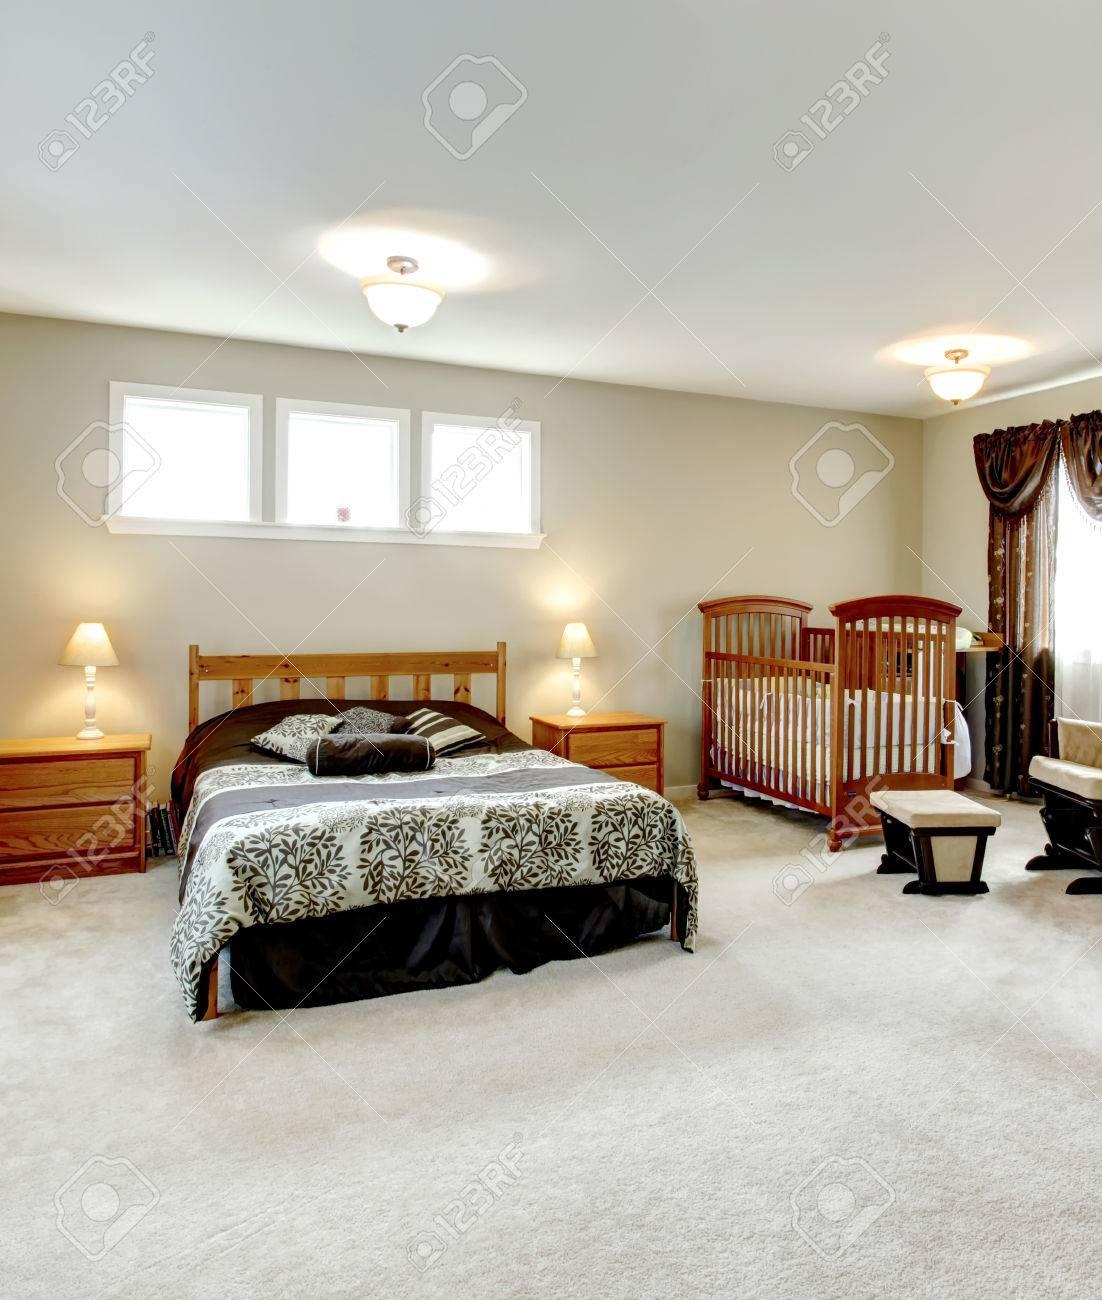 Große Schlafzimmer Mit Einem Begehbaren Kleiderschrank Kinderecke